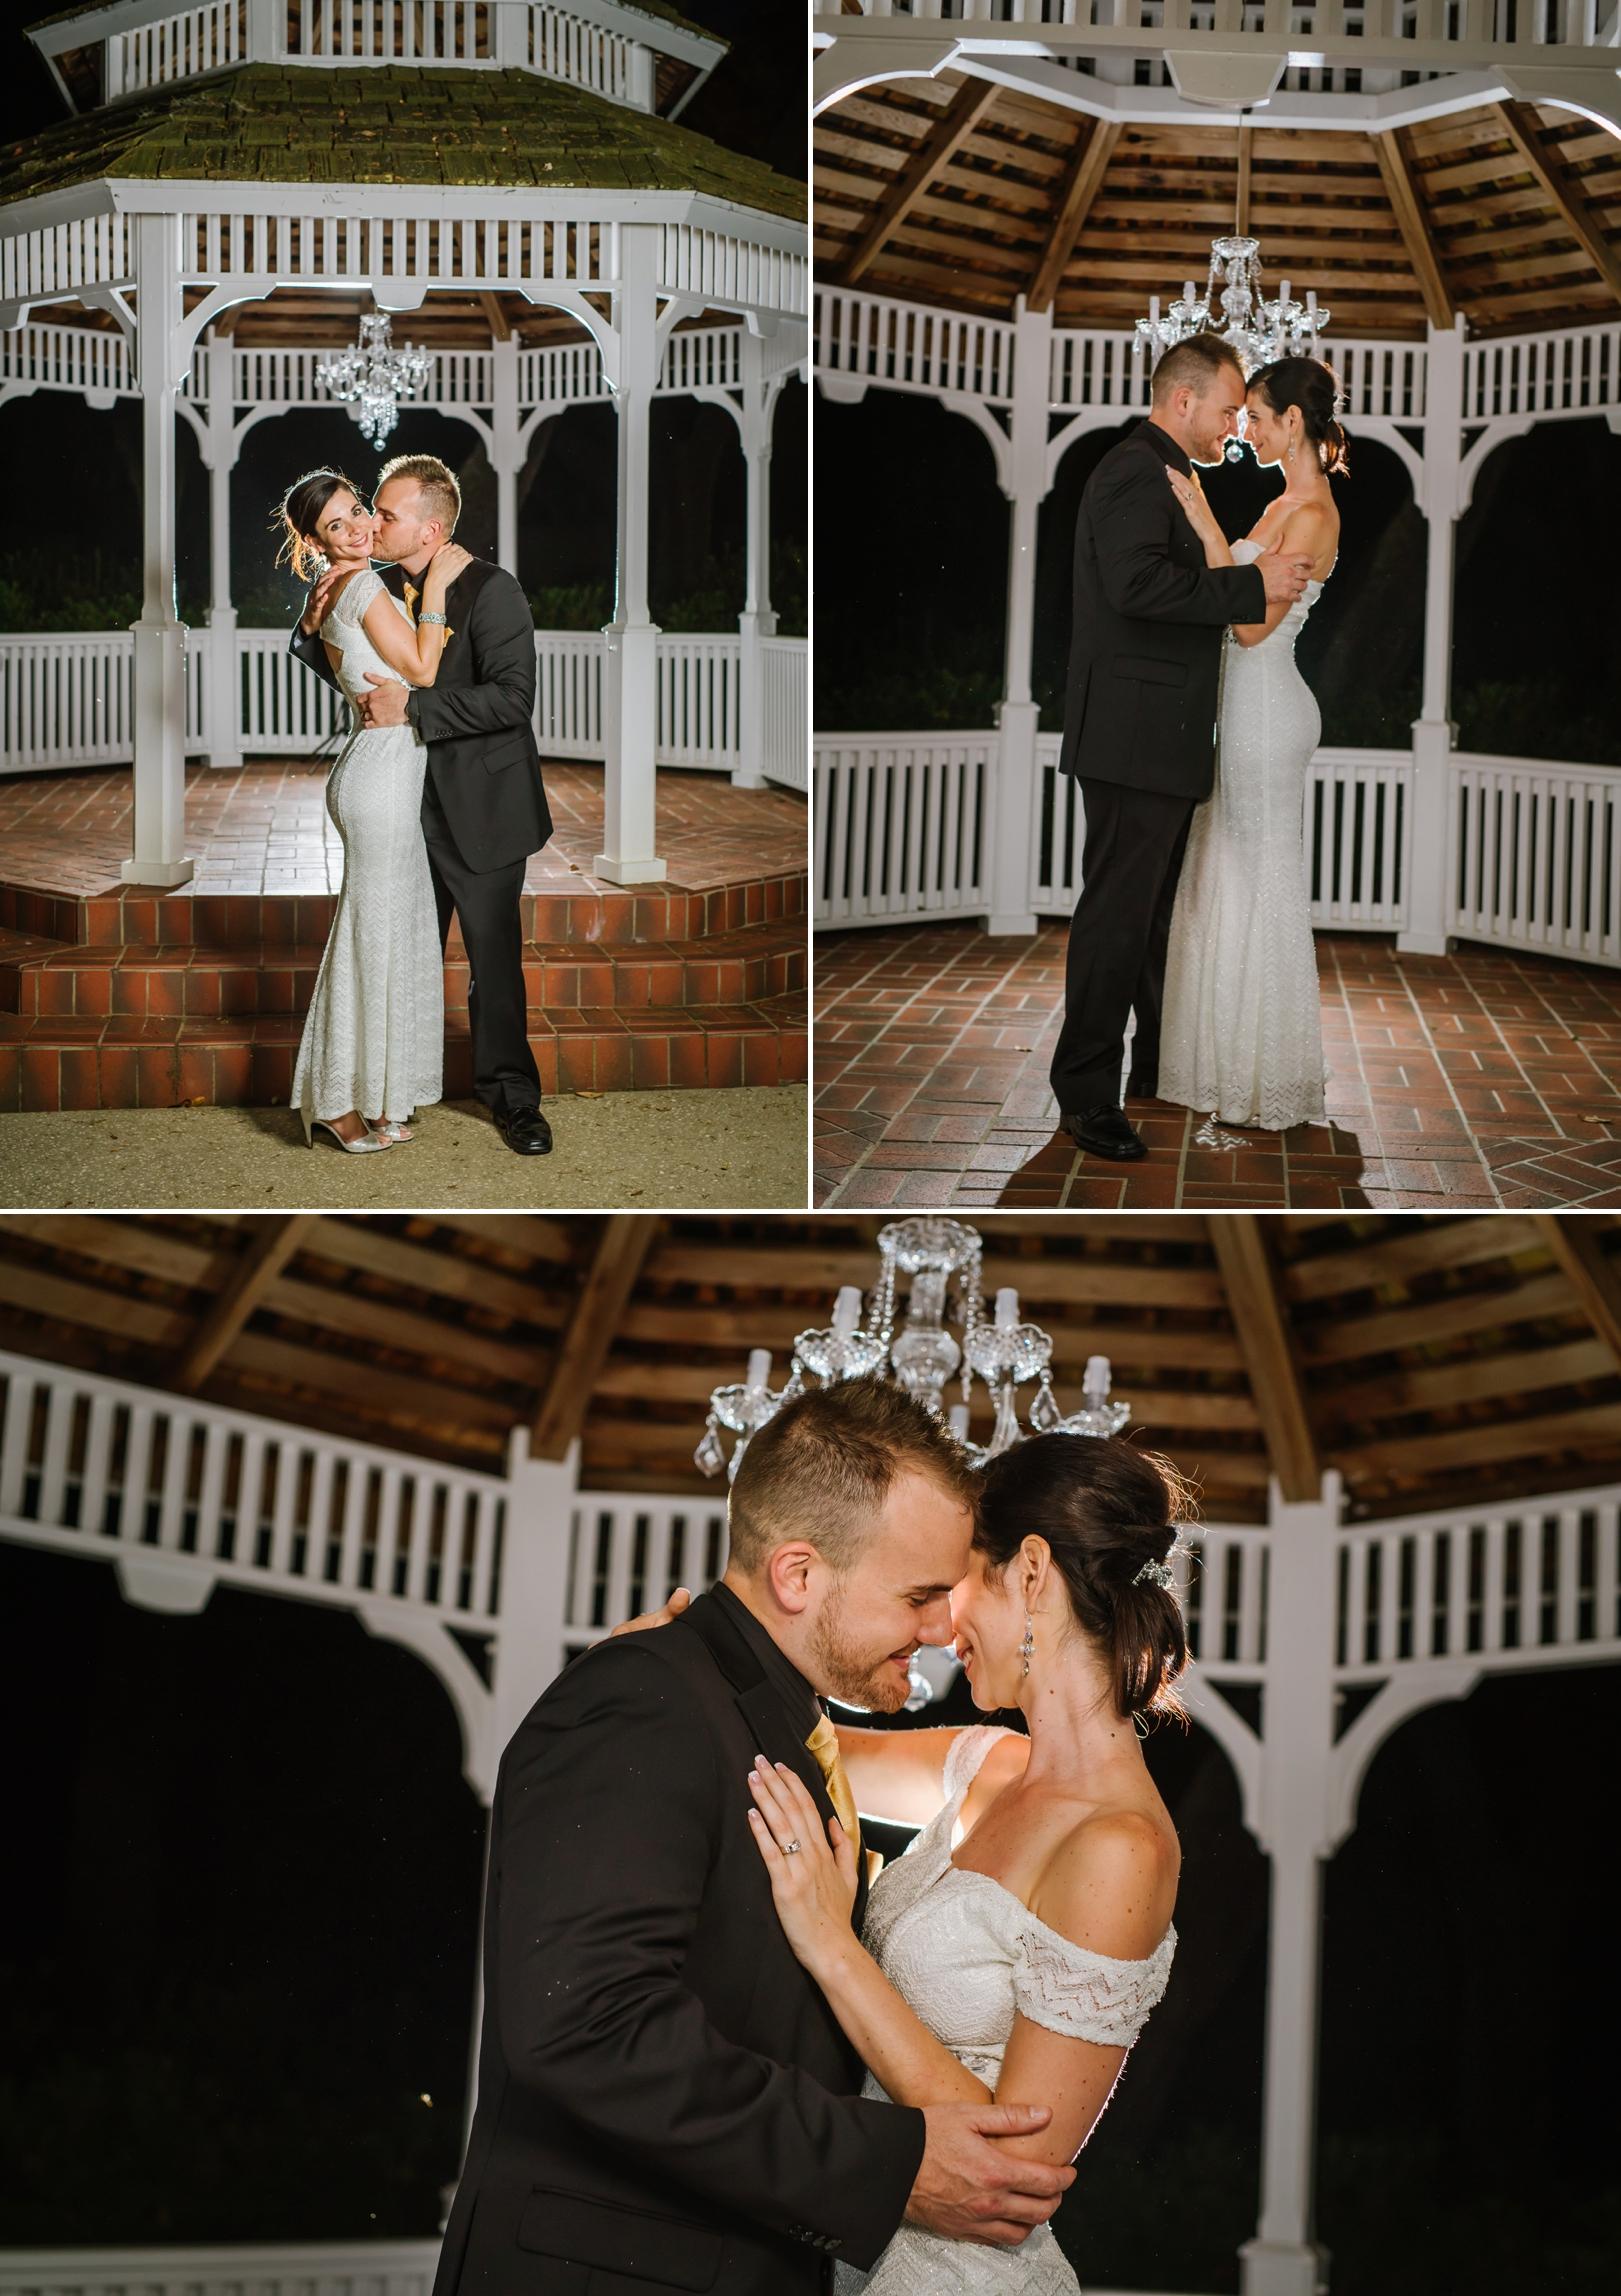 ashlee-hamon-photography-tampa-rustic-outdoor-traditional-wedding_0014.jpg